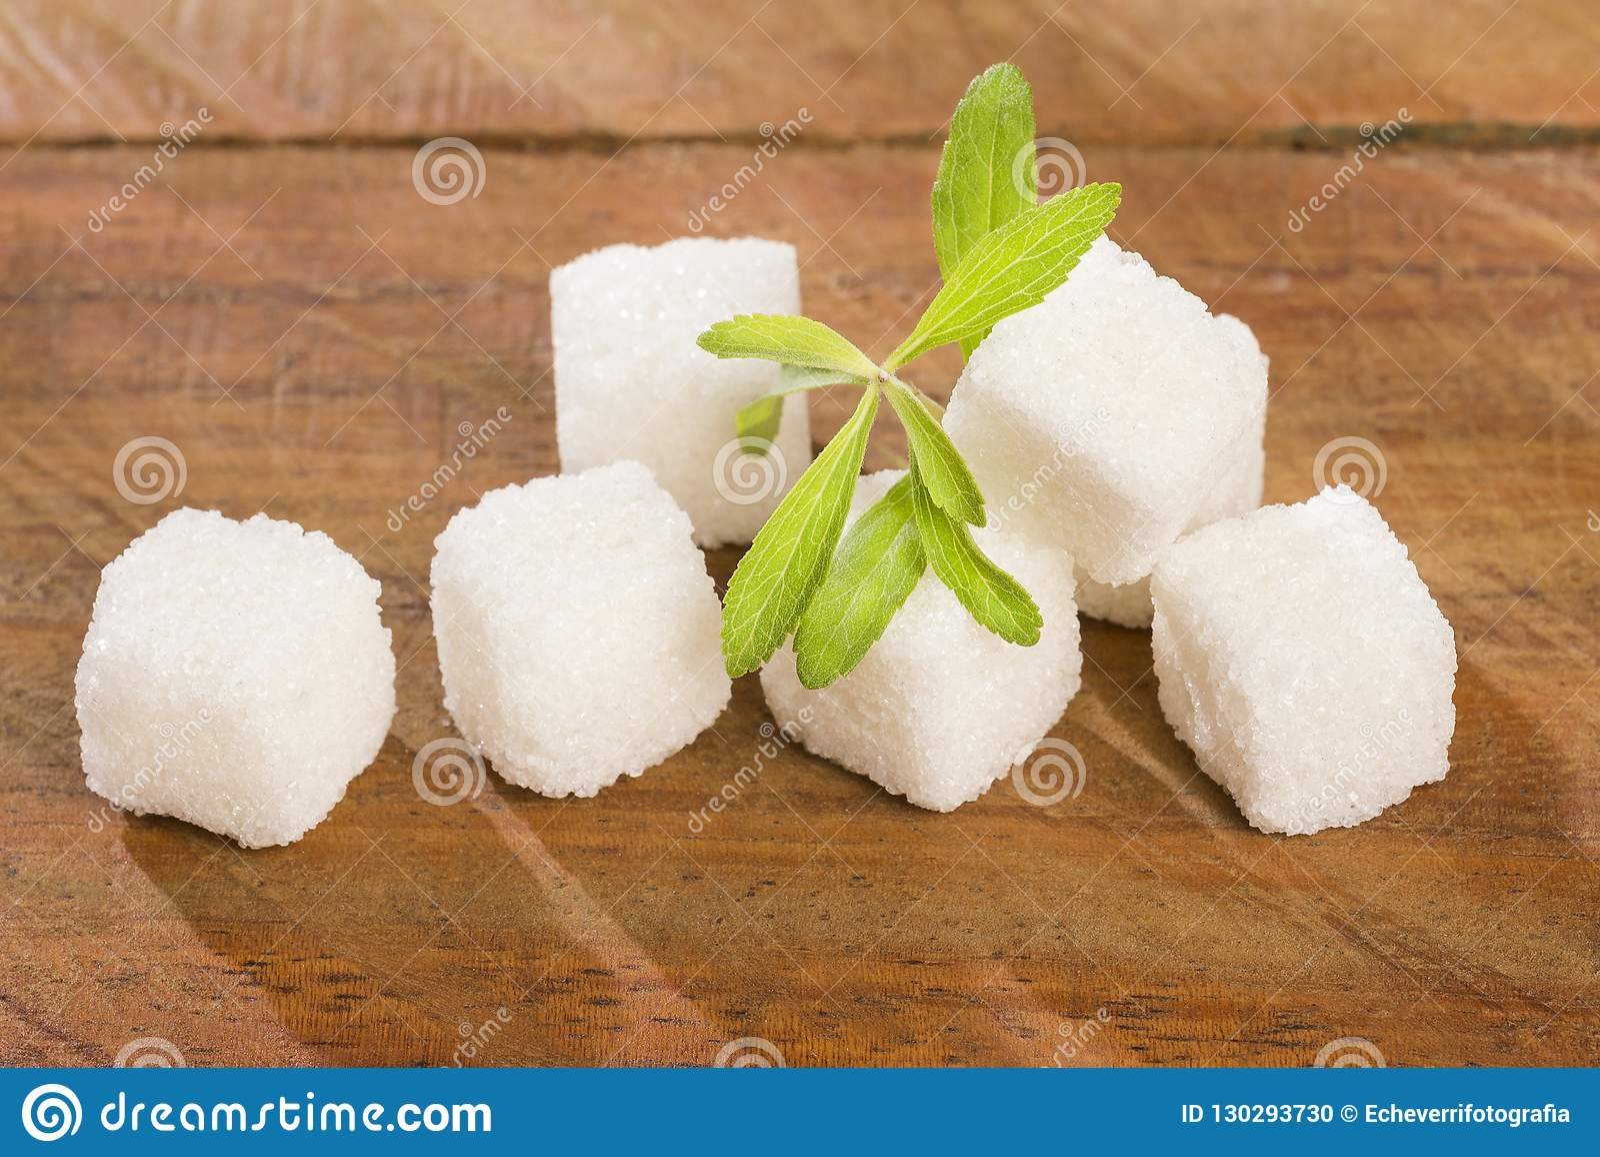 Cukrowi sześciany i liście stevia roślina - Stevia rebaudiana słodzik